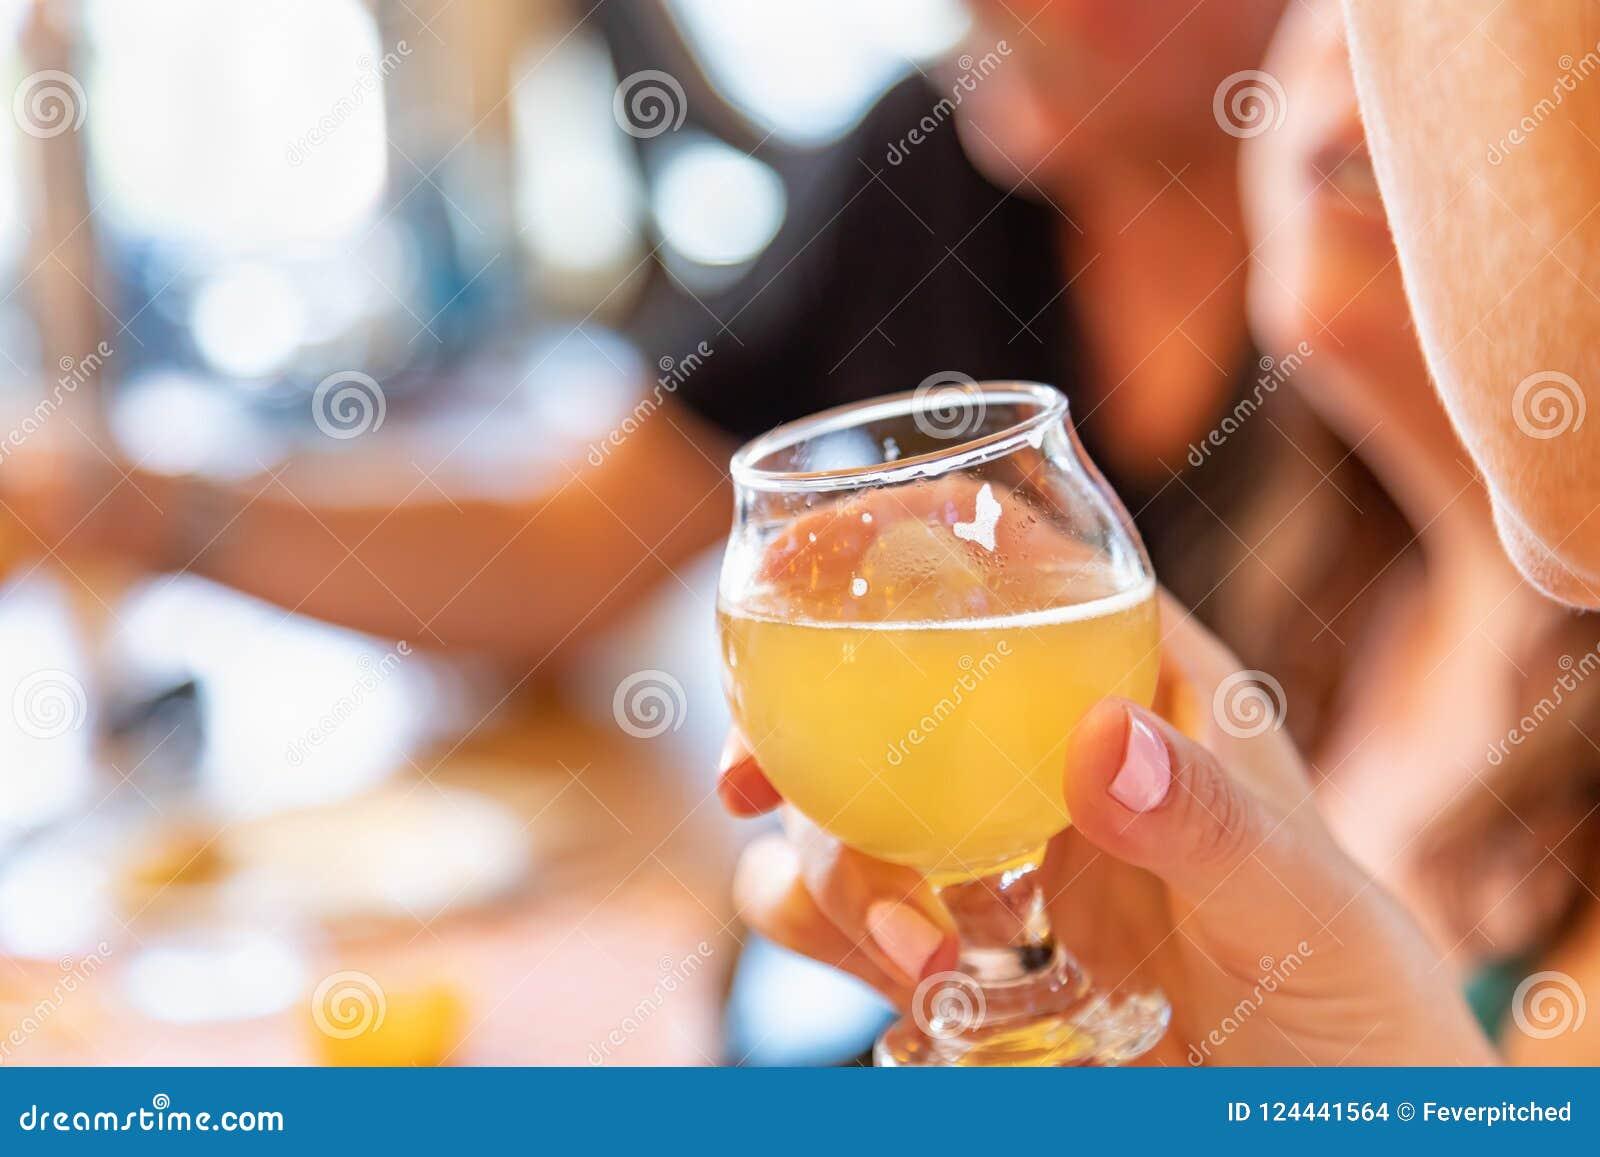 Hållande exponeringsglas för kvinnlig hand av mikrobrygdöl på stången